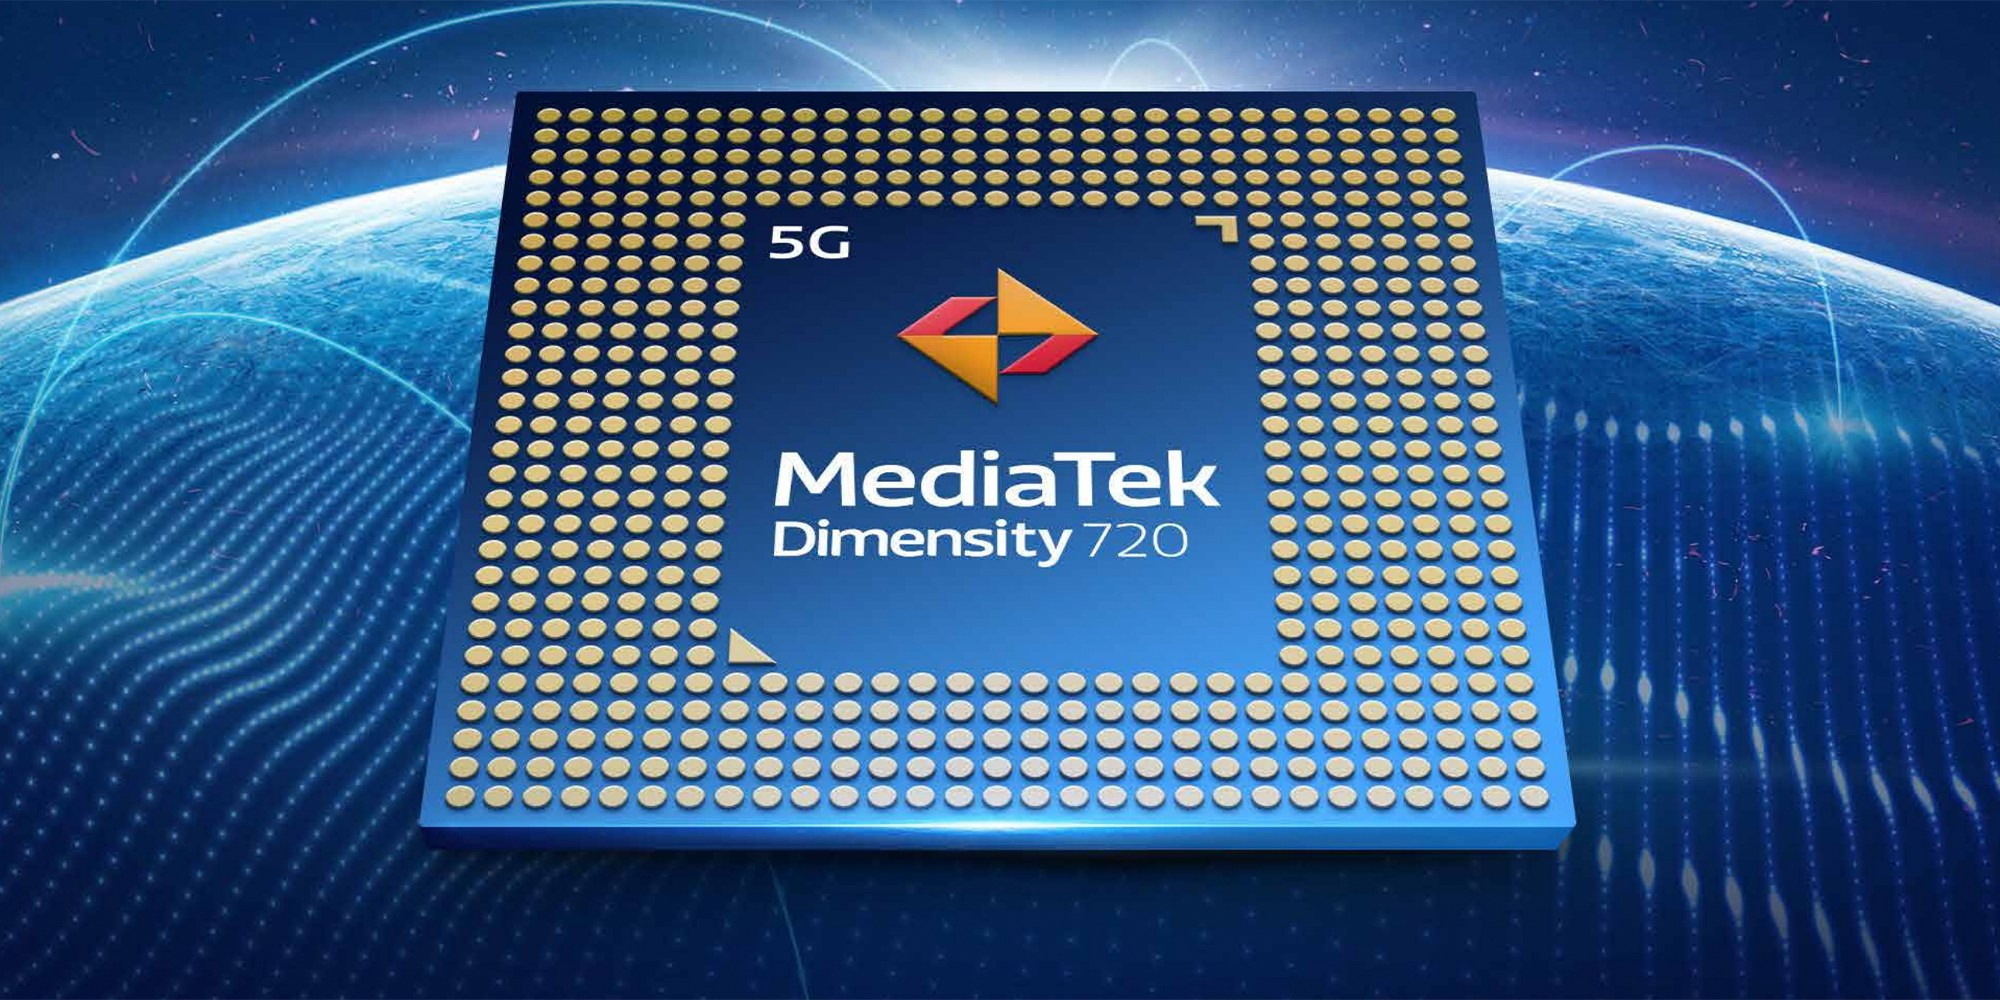 MediaTek étoffe encore sa gamme avec le Dimensity 720, un nouveau SoC 5G